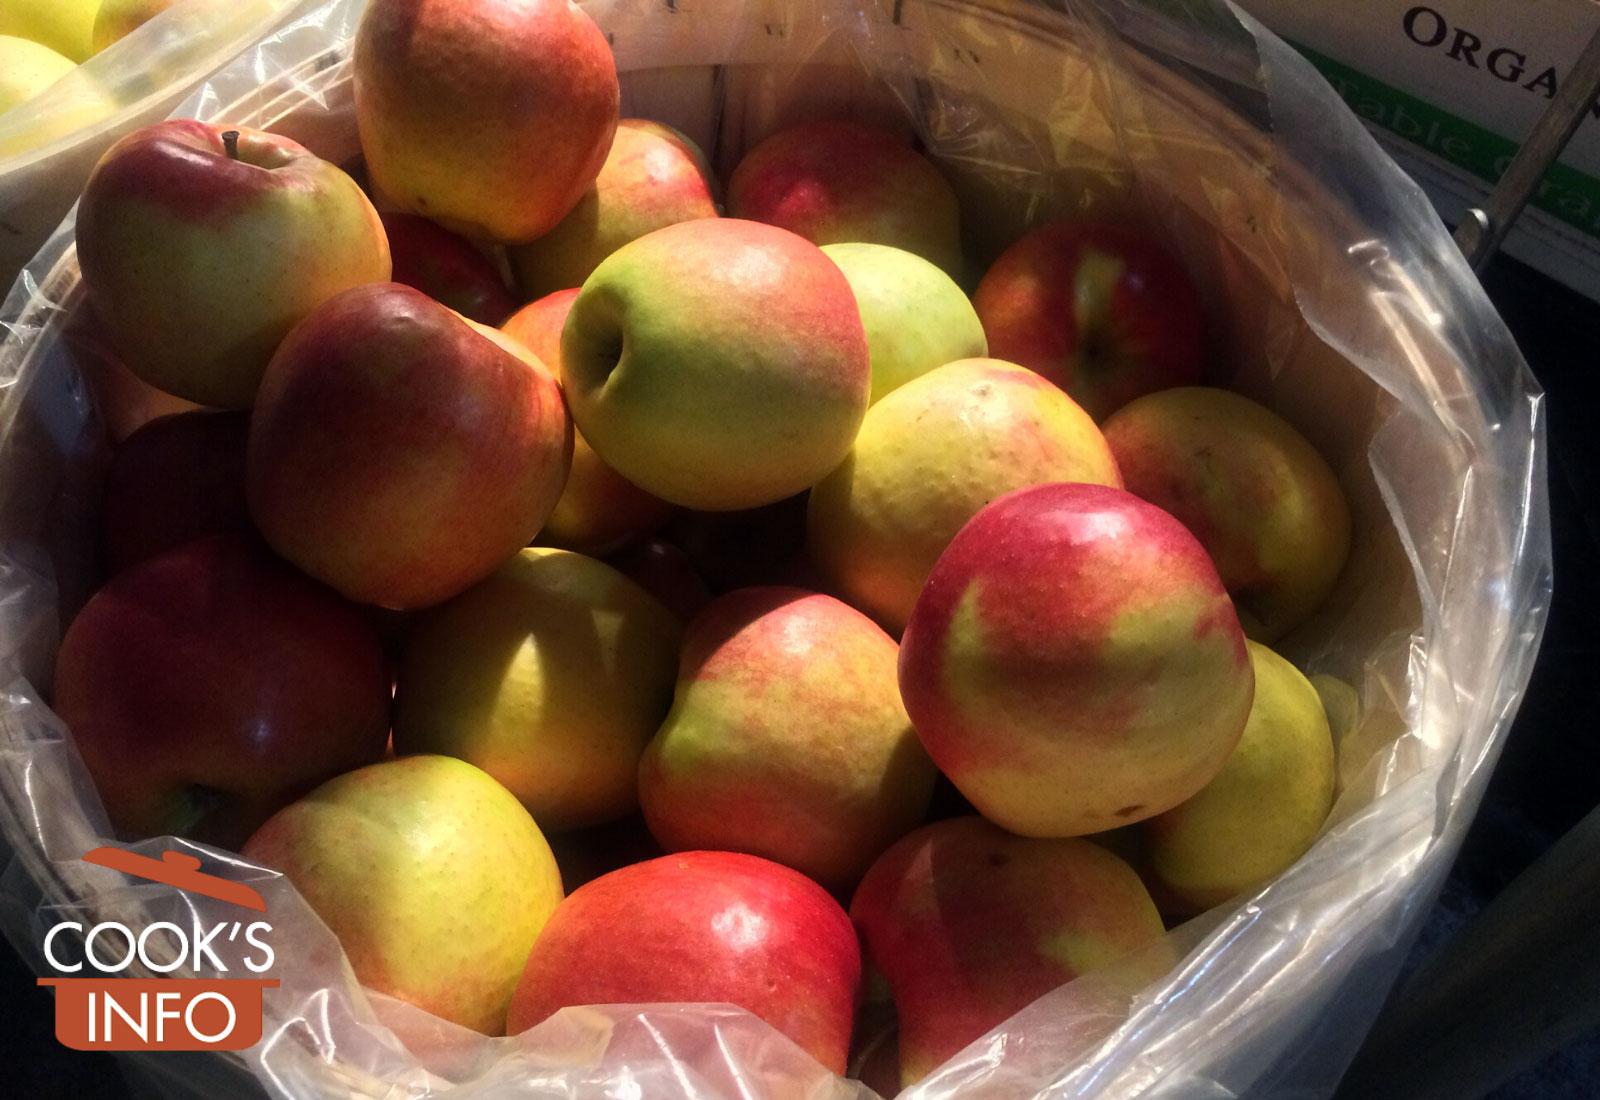 Jonagold apples in basket